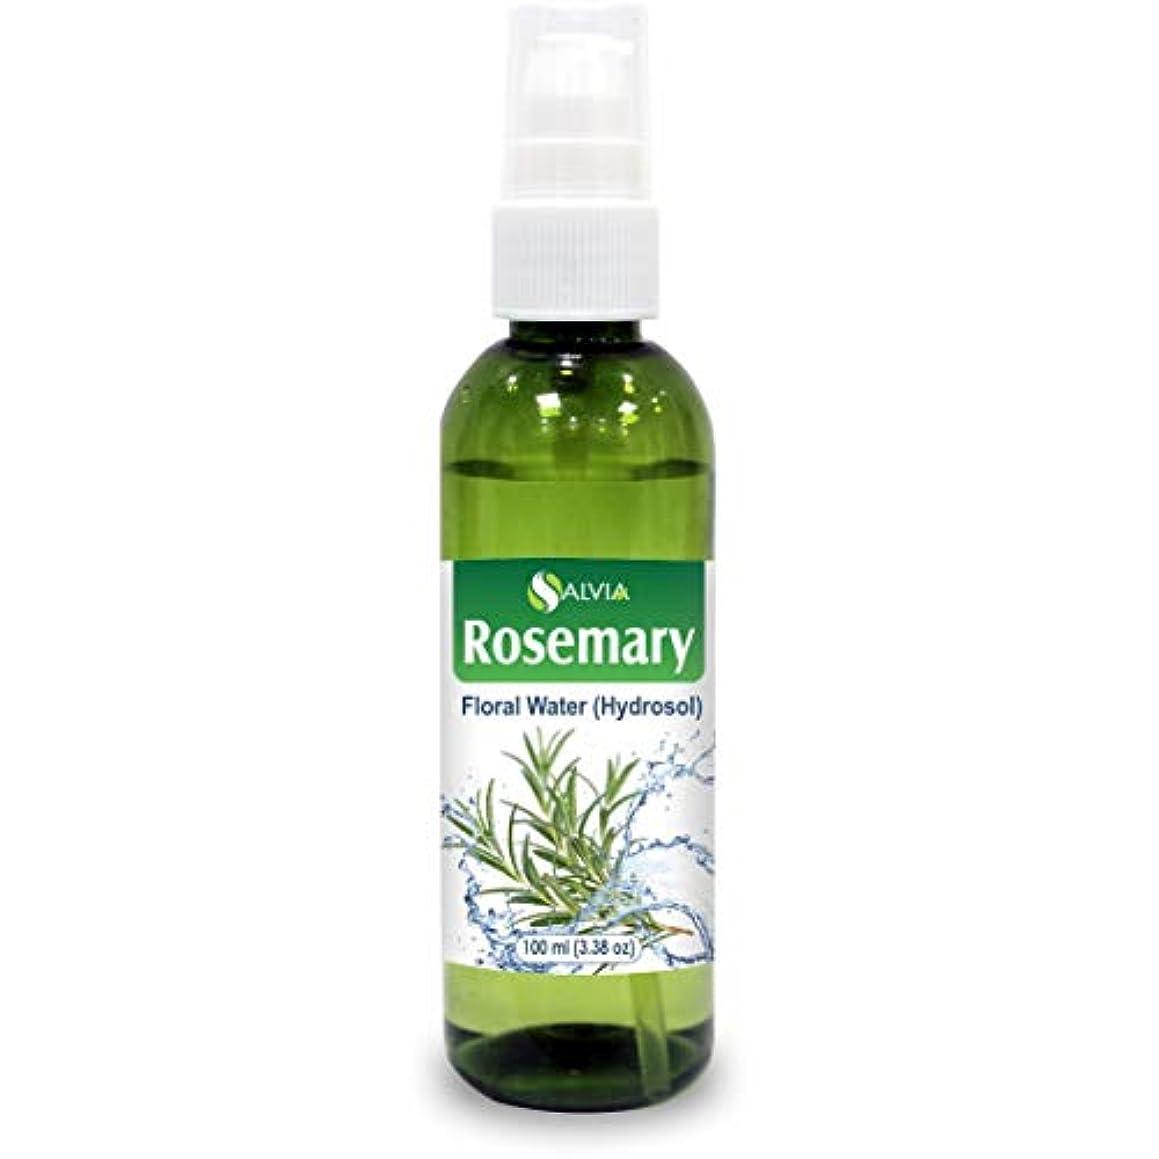 勢い続けるレッドデートRosemary Floral Water 100ml (Hydrosol) 100% Pure And Natural